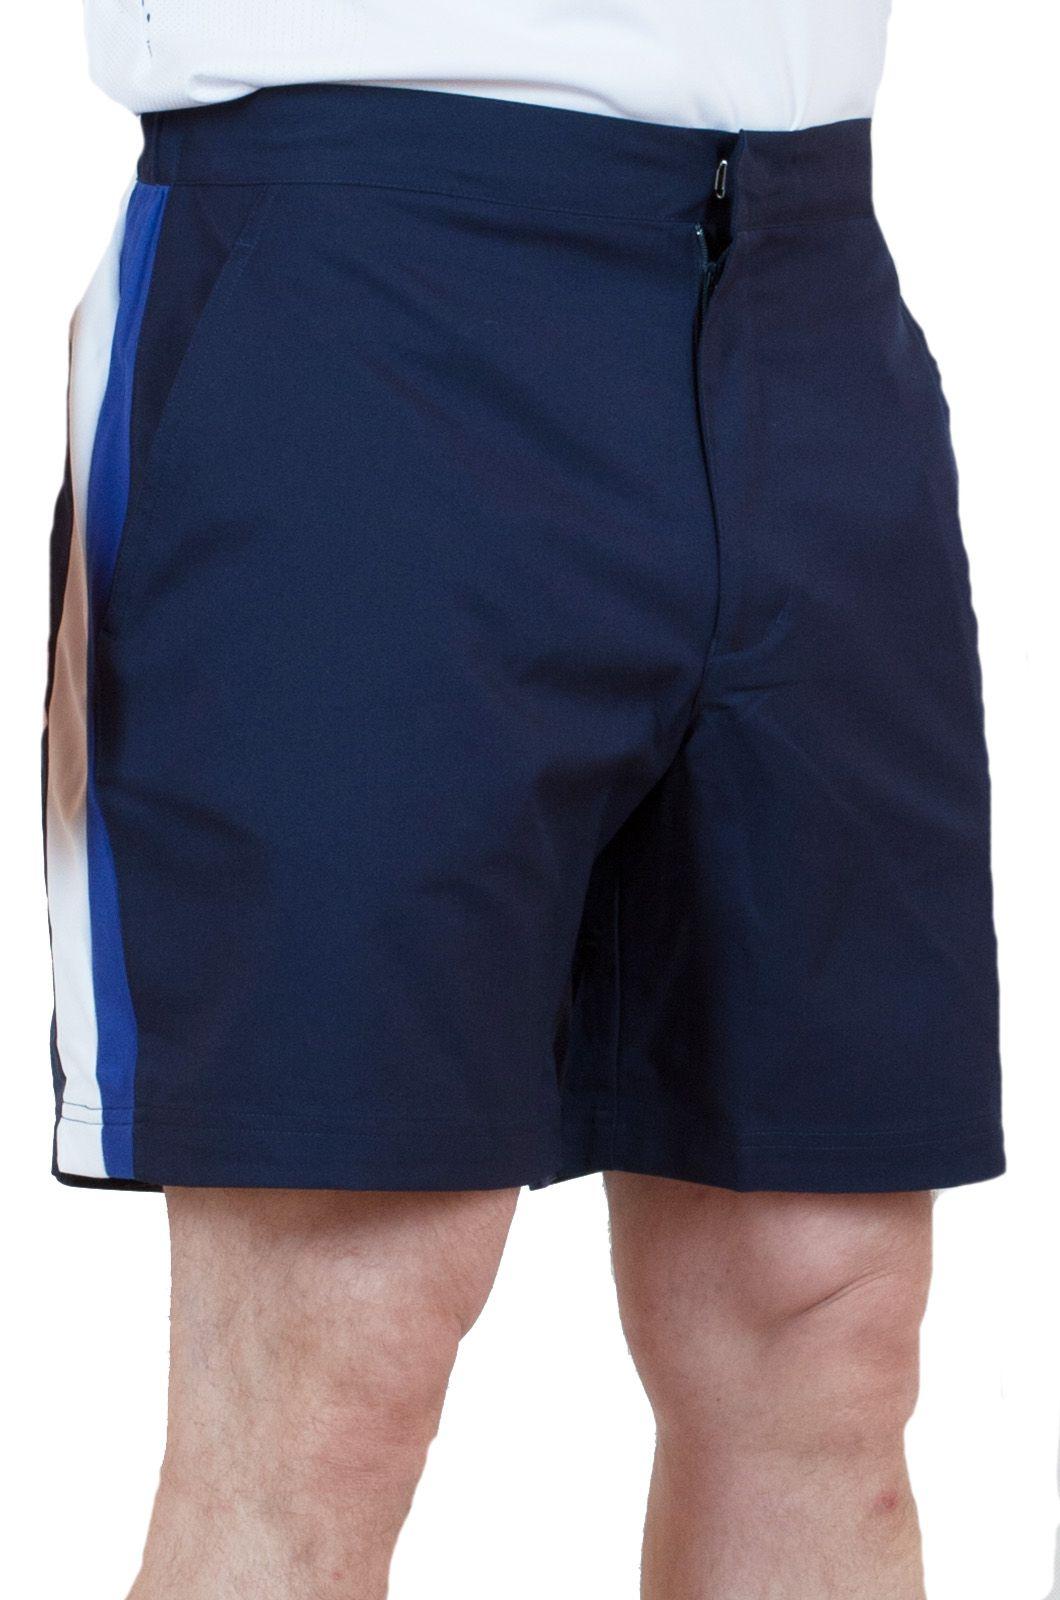 Синие шорты для мужчин с боковыми полосками с доставкой